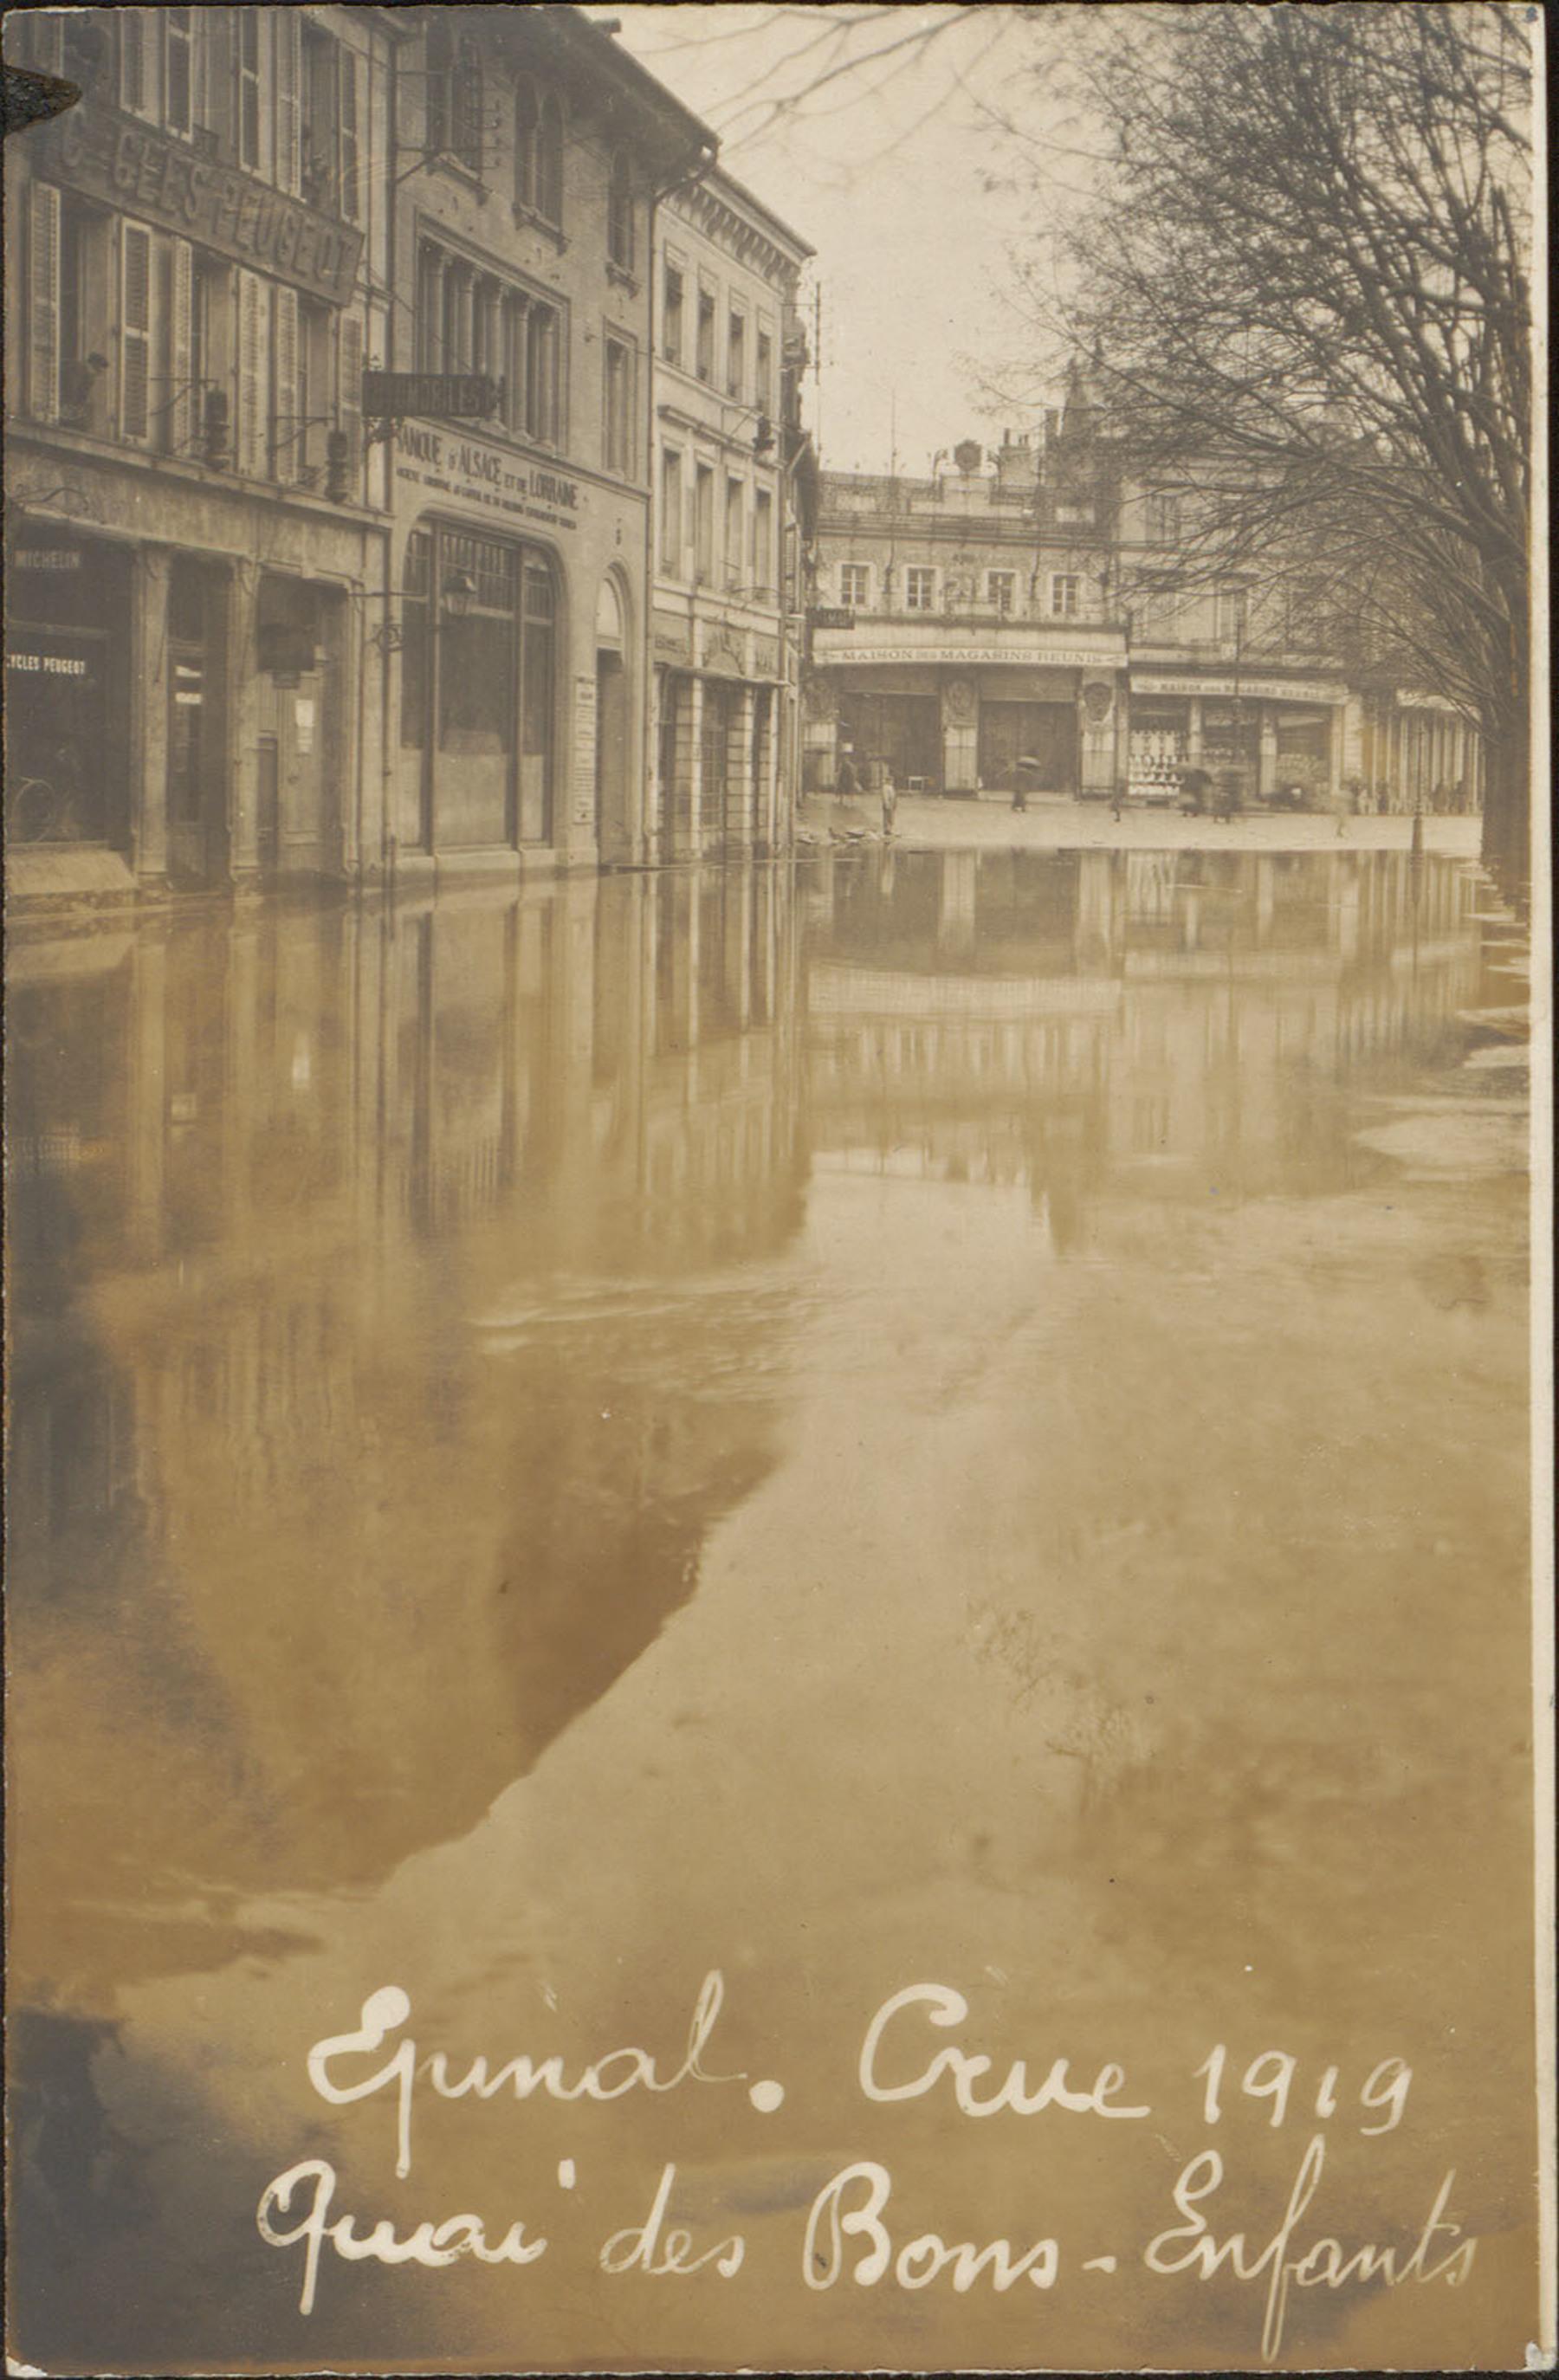 Contenu du Épinal, Crue 1919, Quai des Bons-Enfants